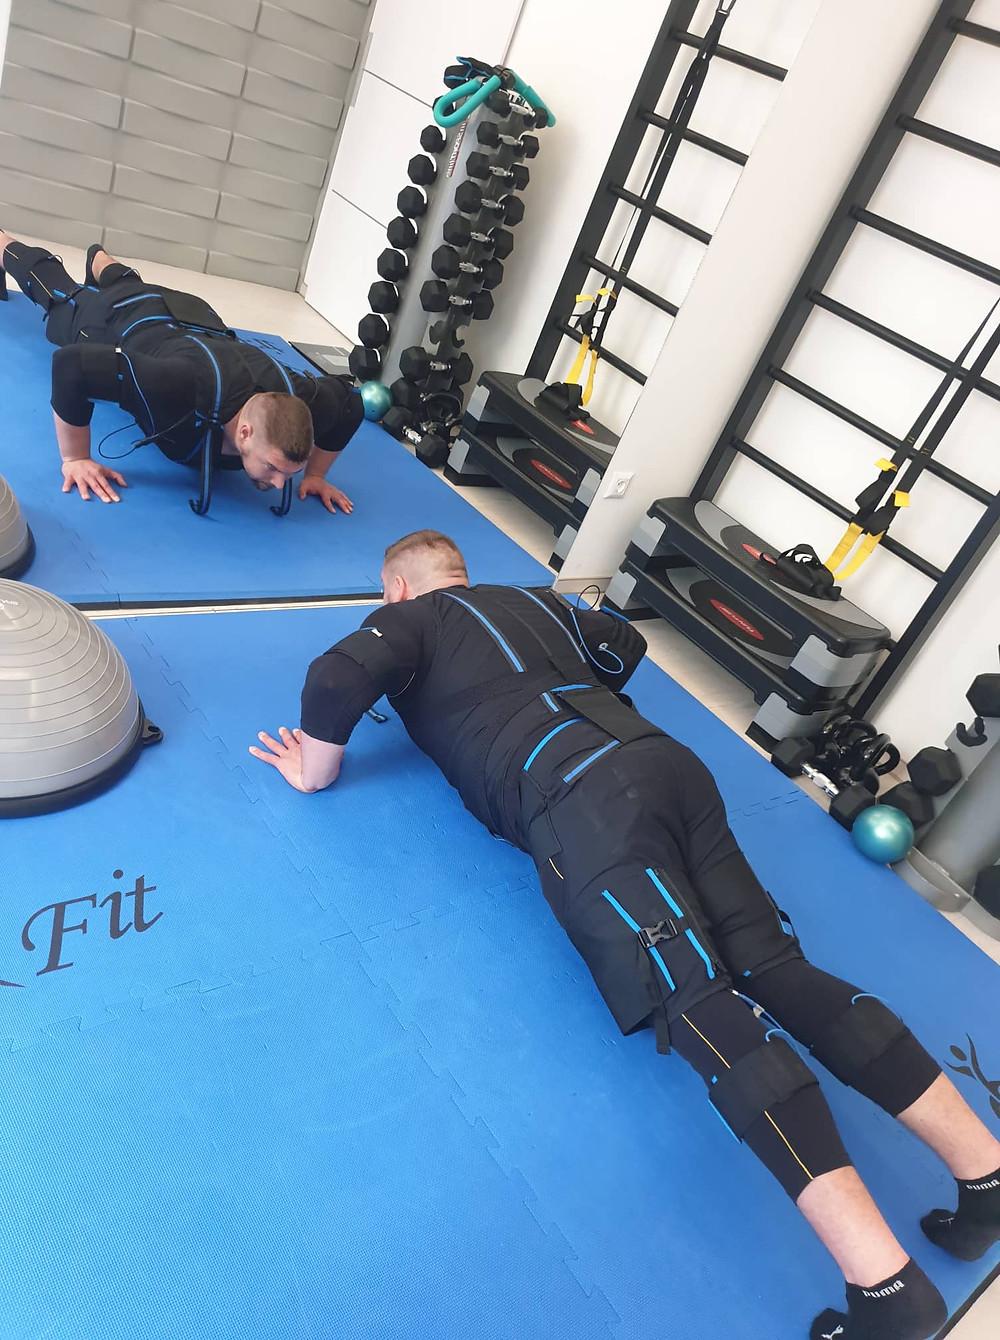 FlashFit - E-fit Stúdió Pécs erőnléti edzés sportolói vélemények